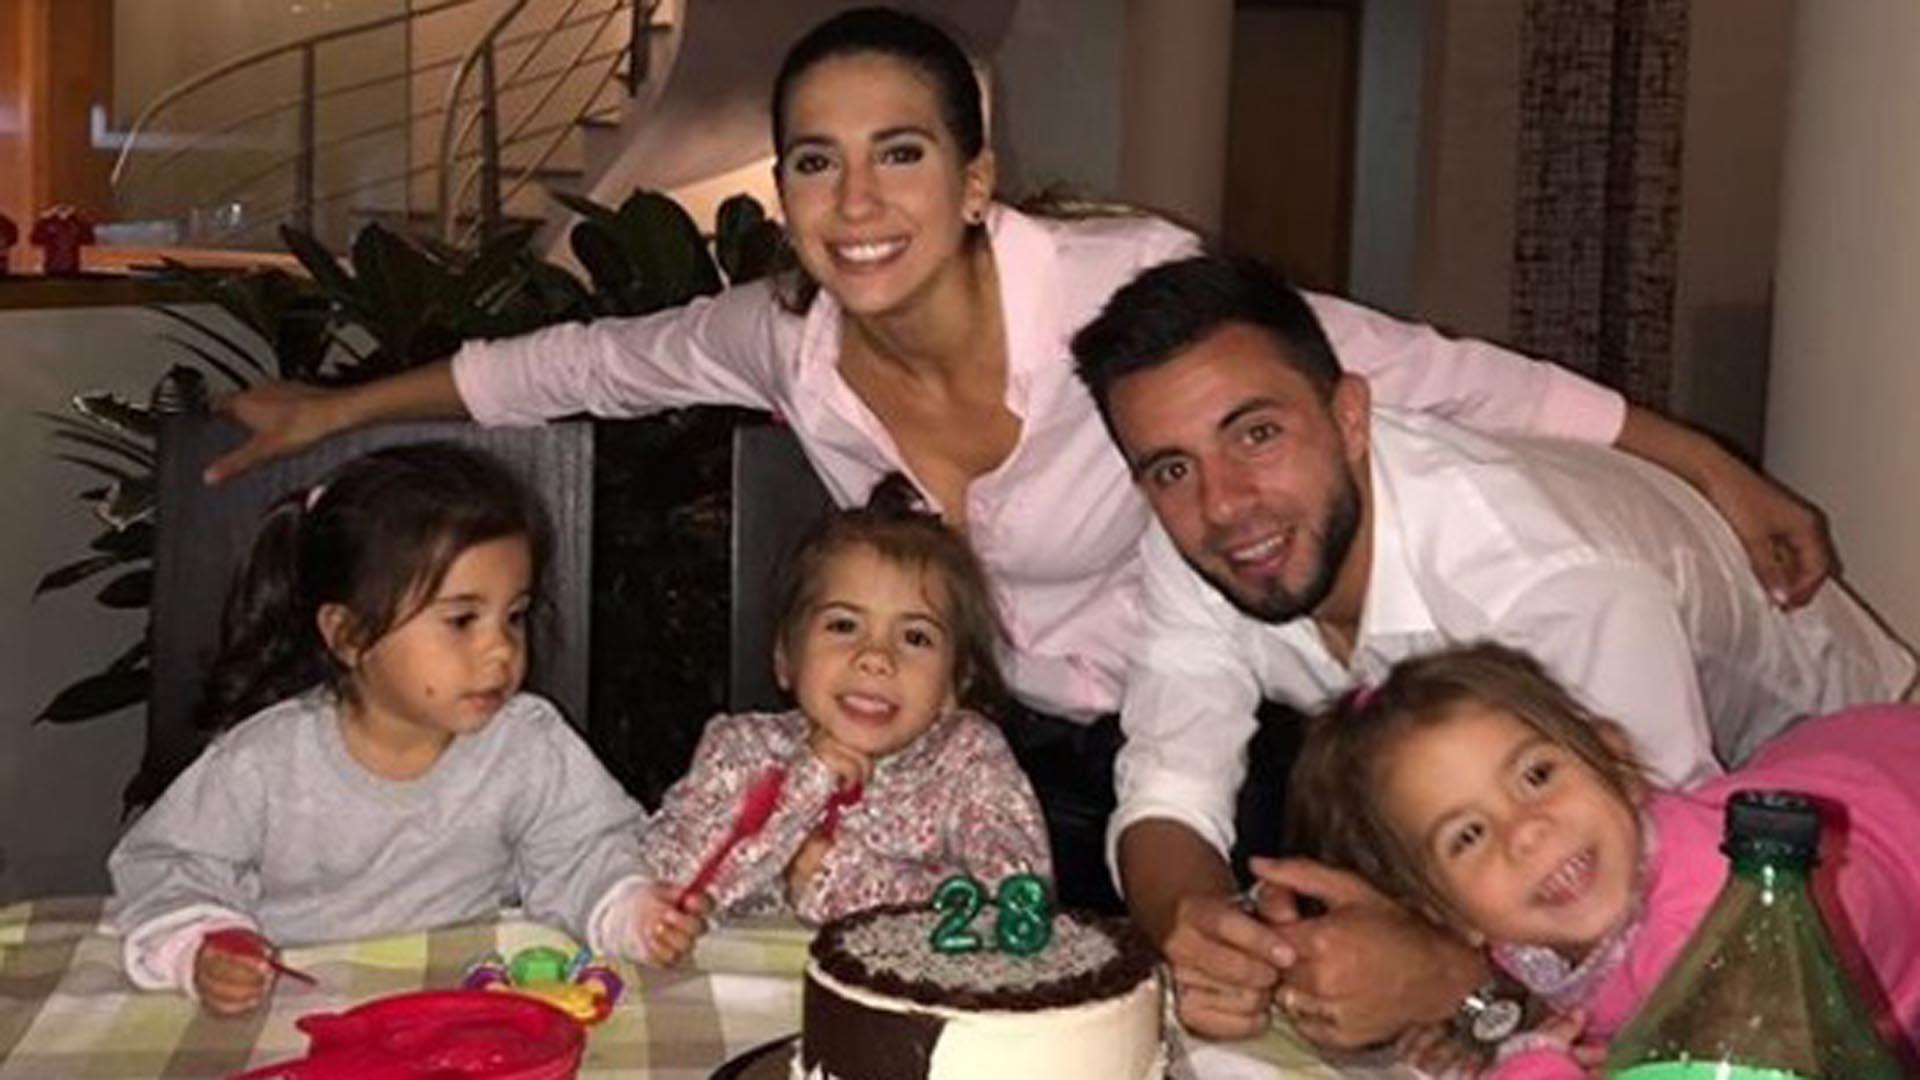 El futbolista le había reclamado no poder pasar su cumpleaños junto a sus hijas, Charis, Bella y Francesca